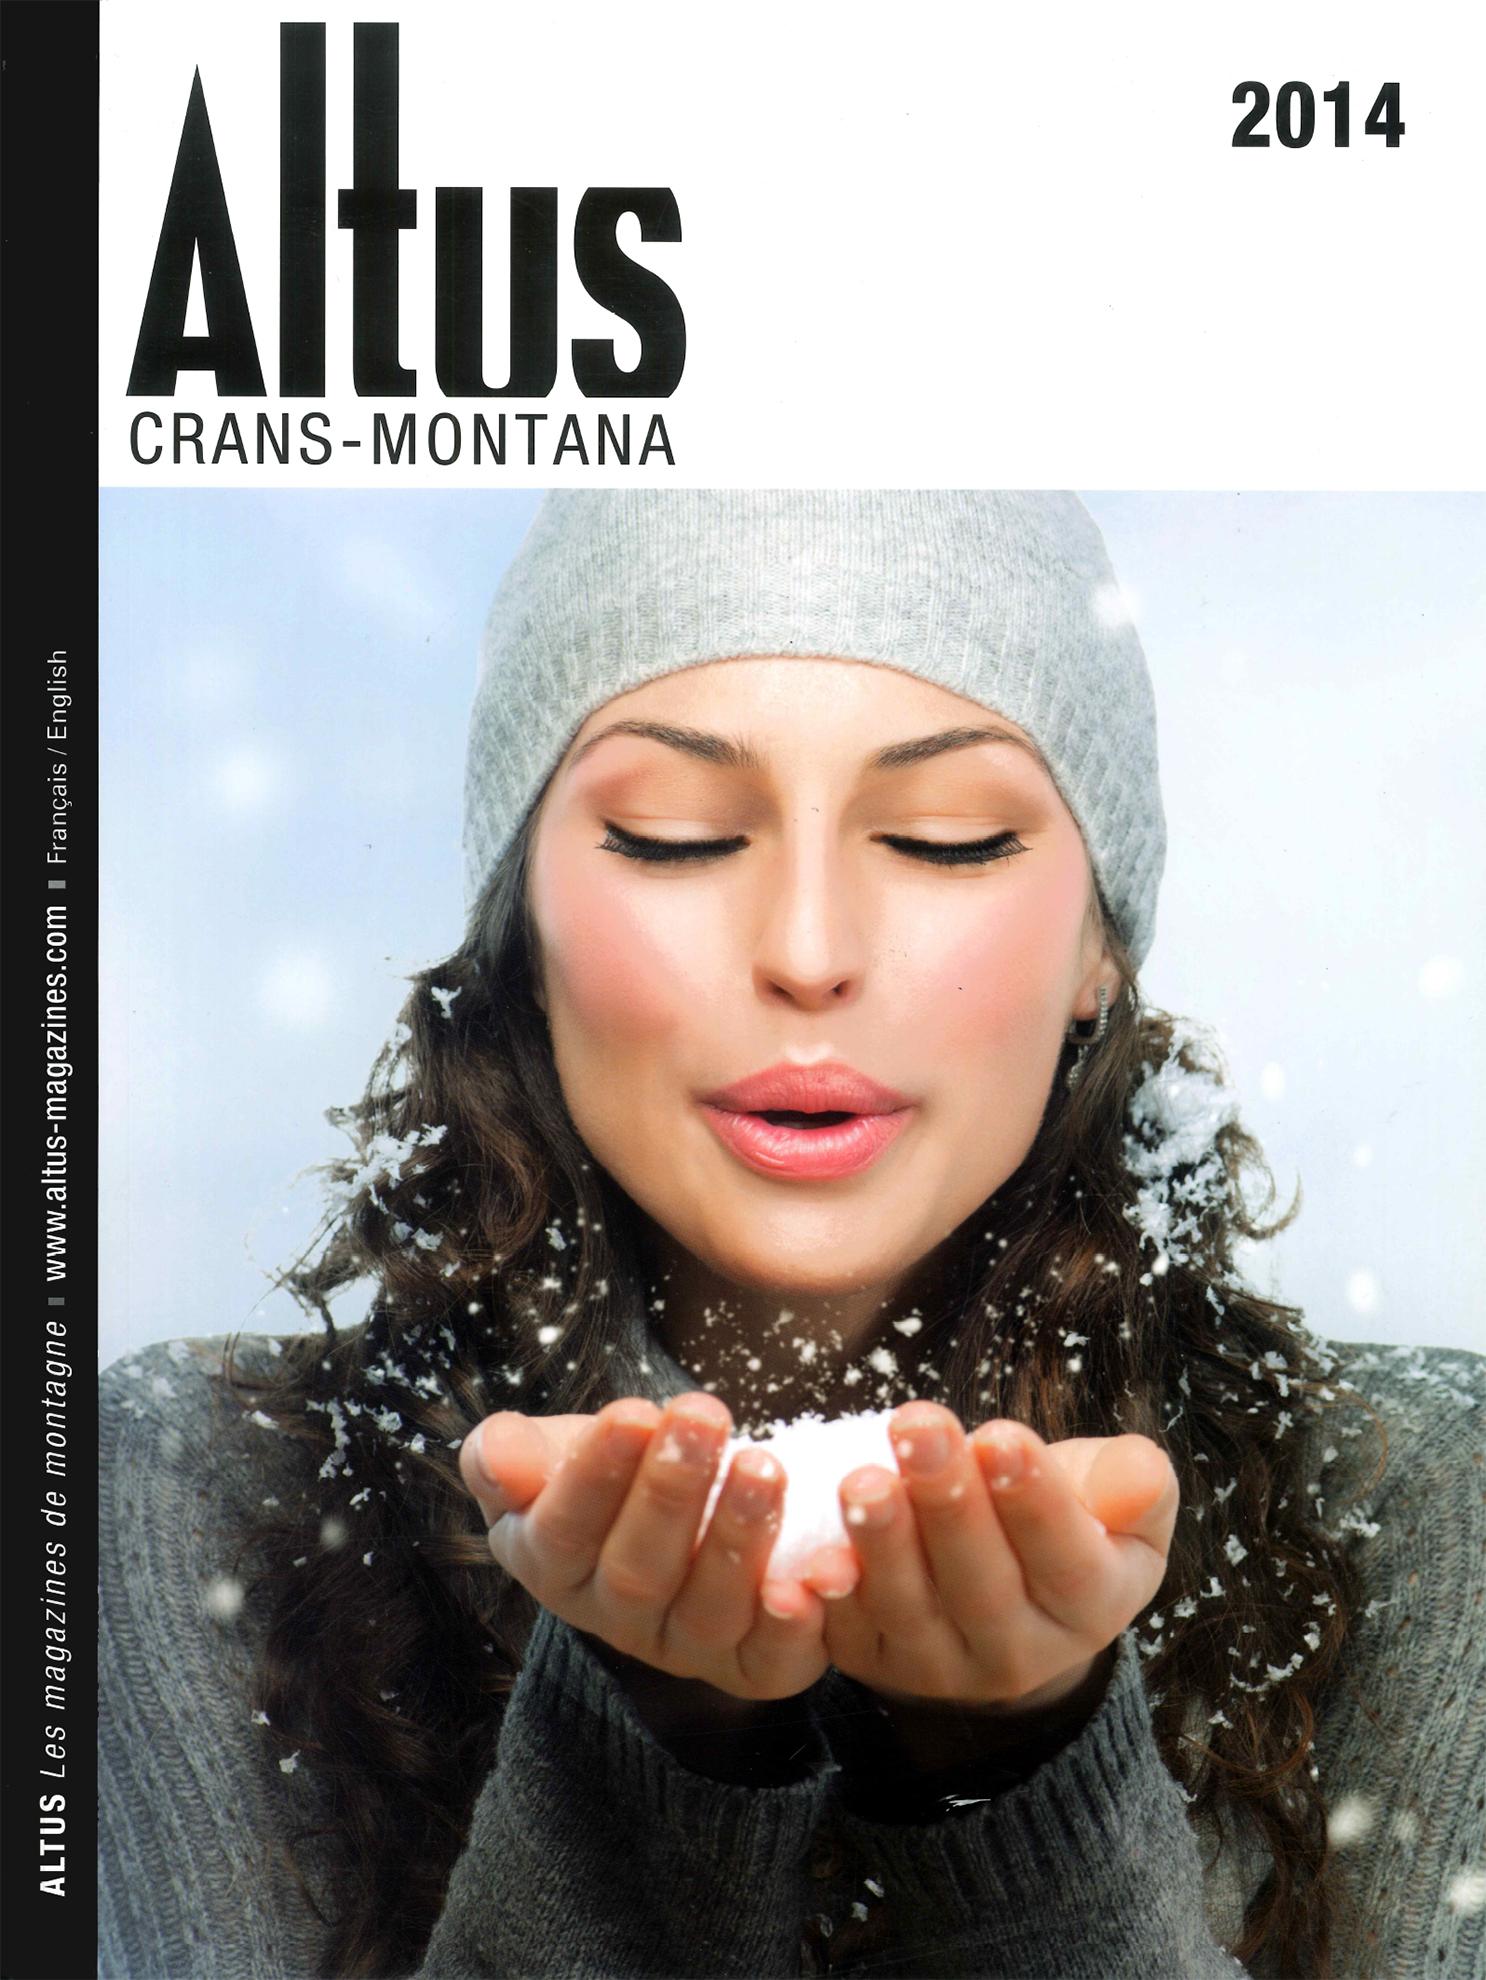 couverture_altus2014